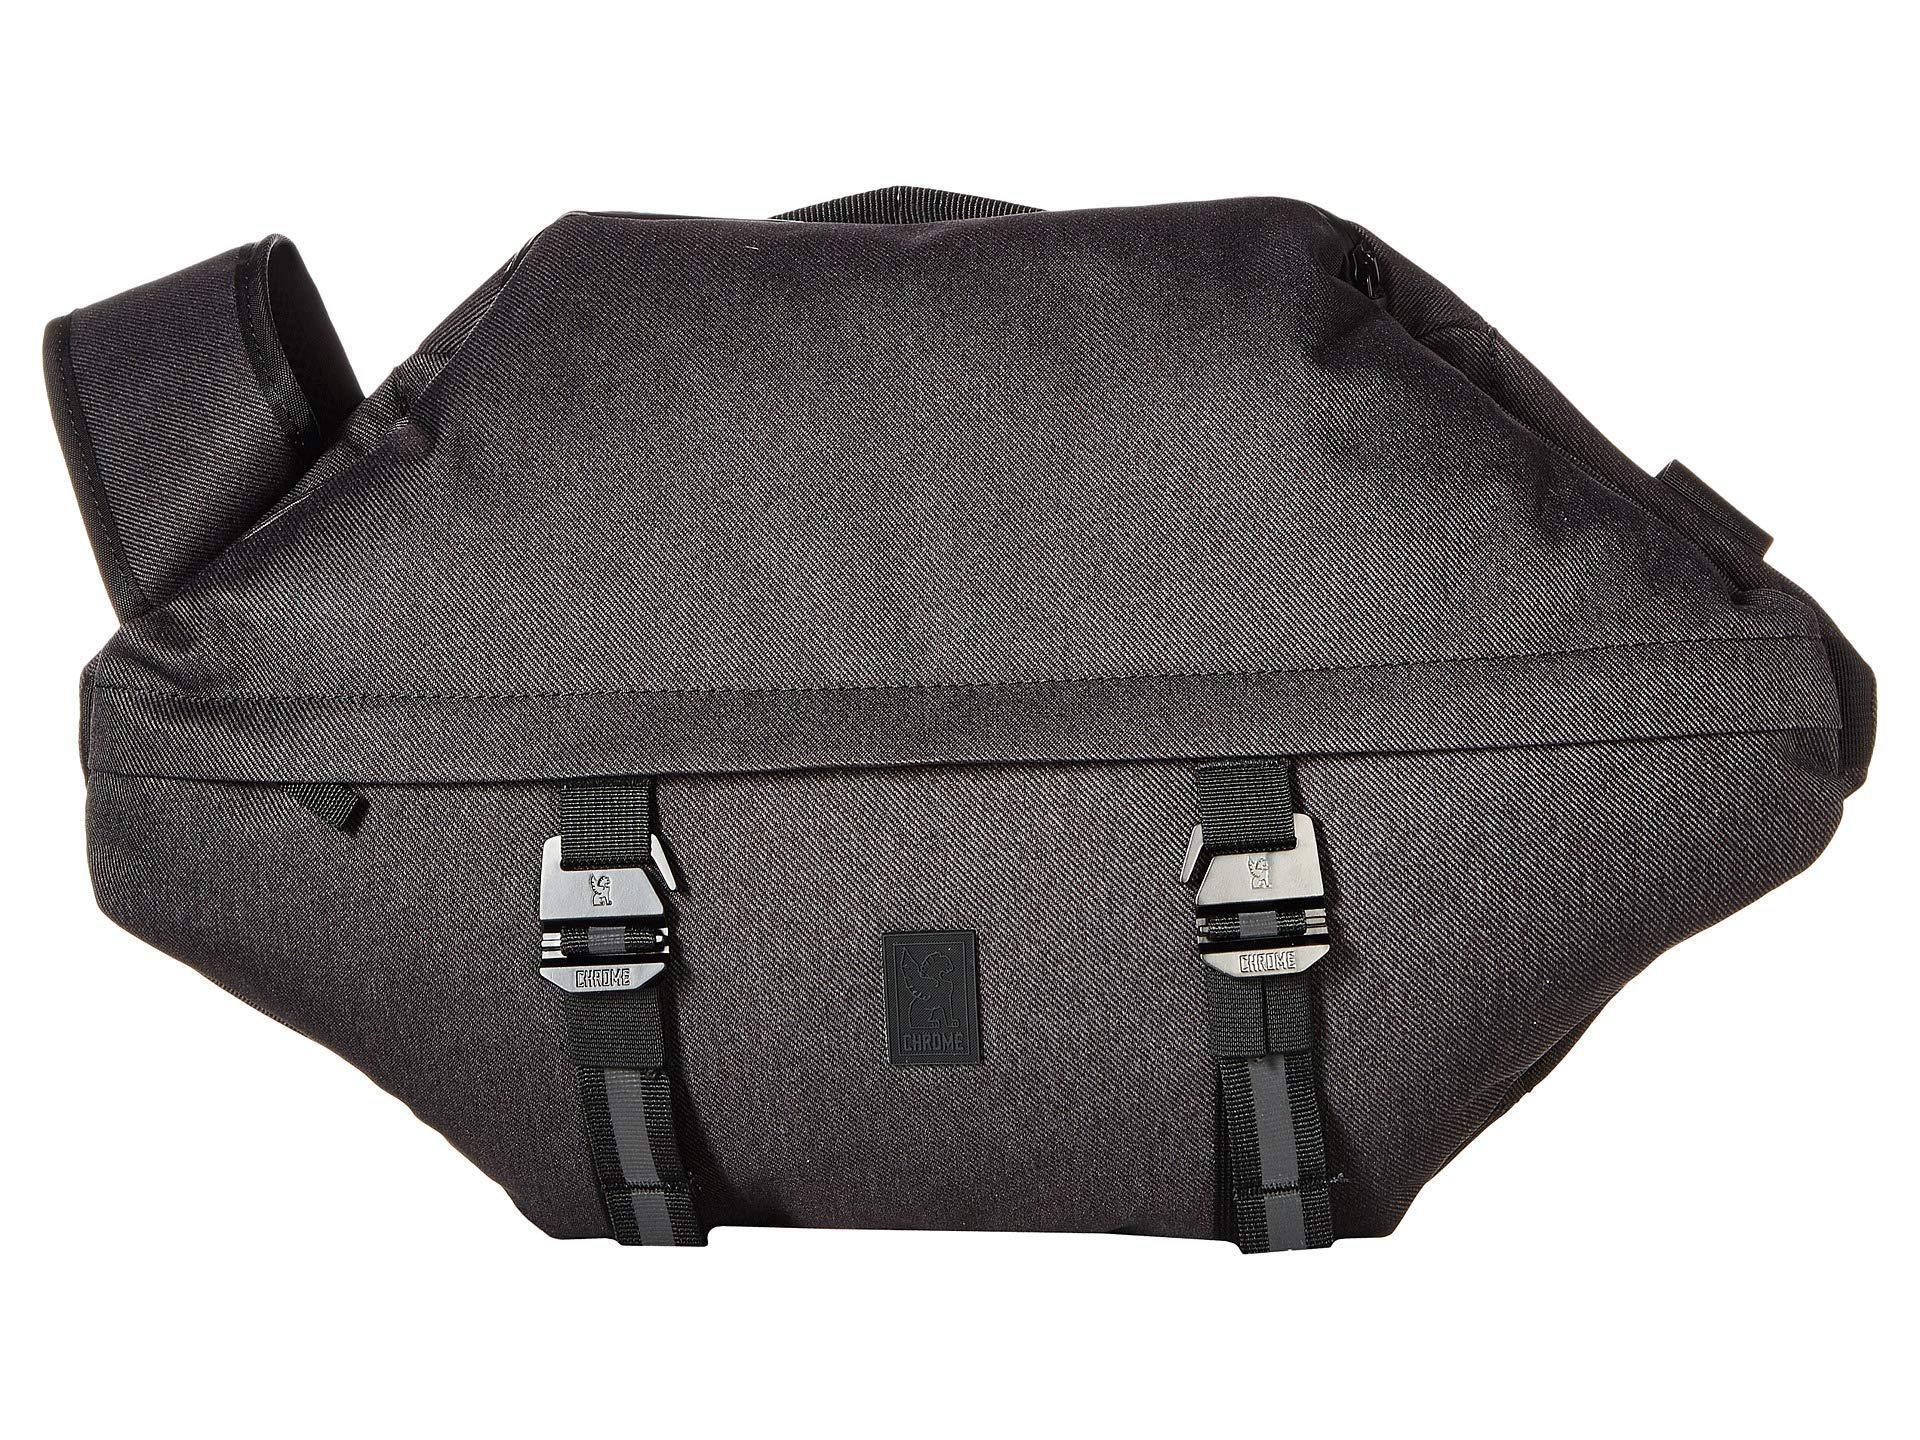 648fbb2e4b Lyst chrome industries vale sling black bags in black for men jpg 1920x1440 Chrome  messenger bag